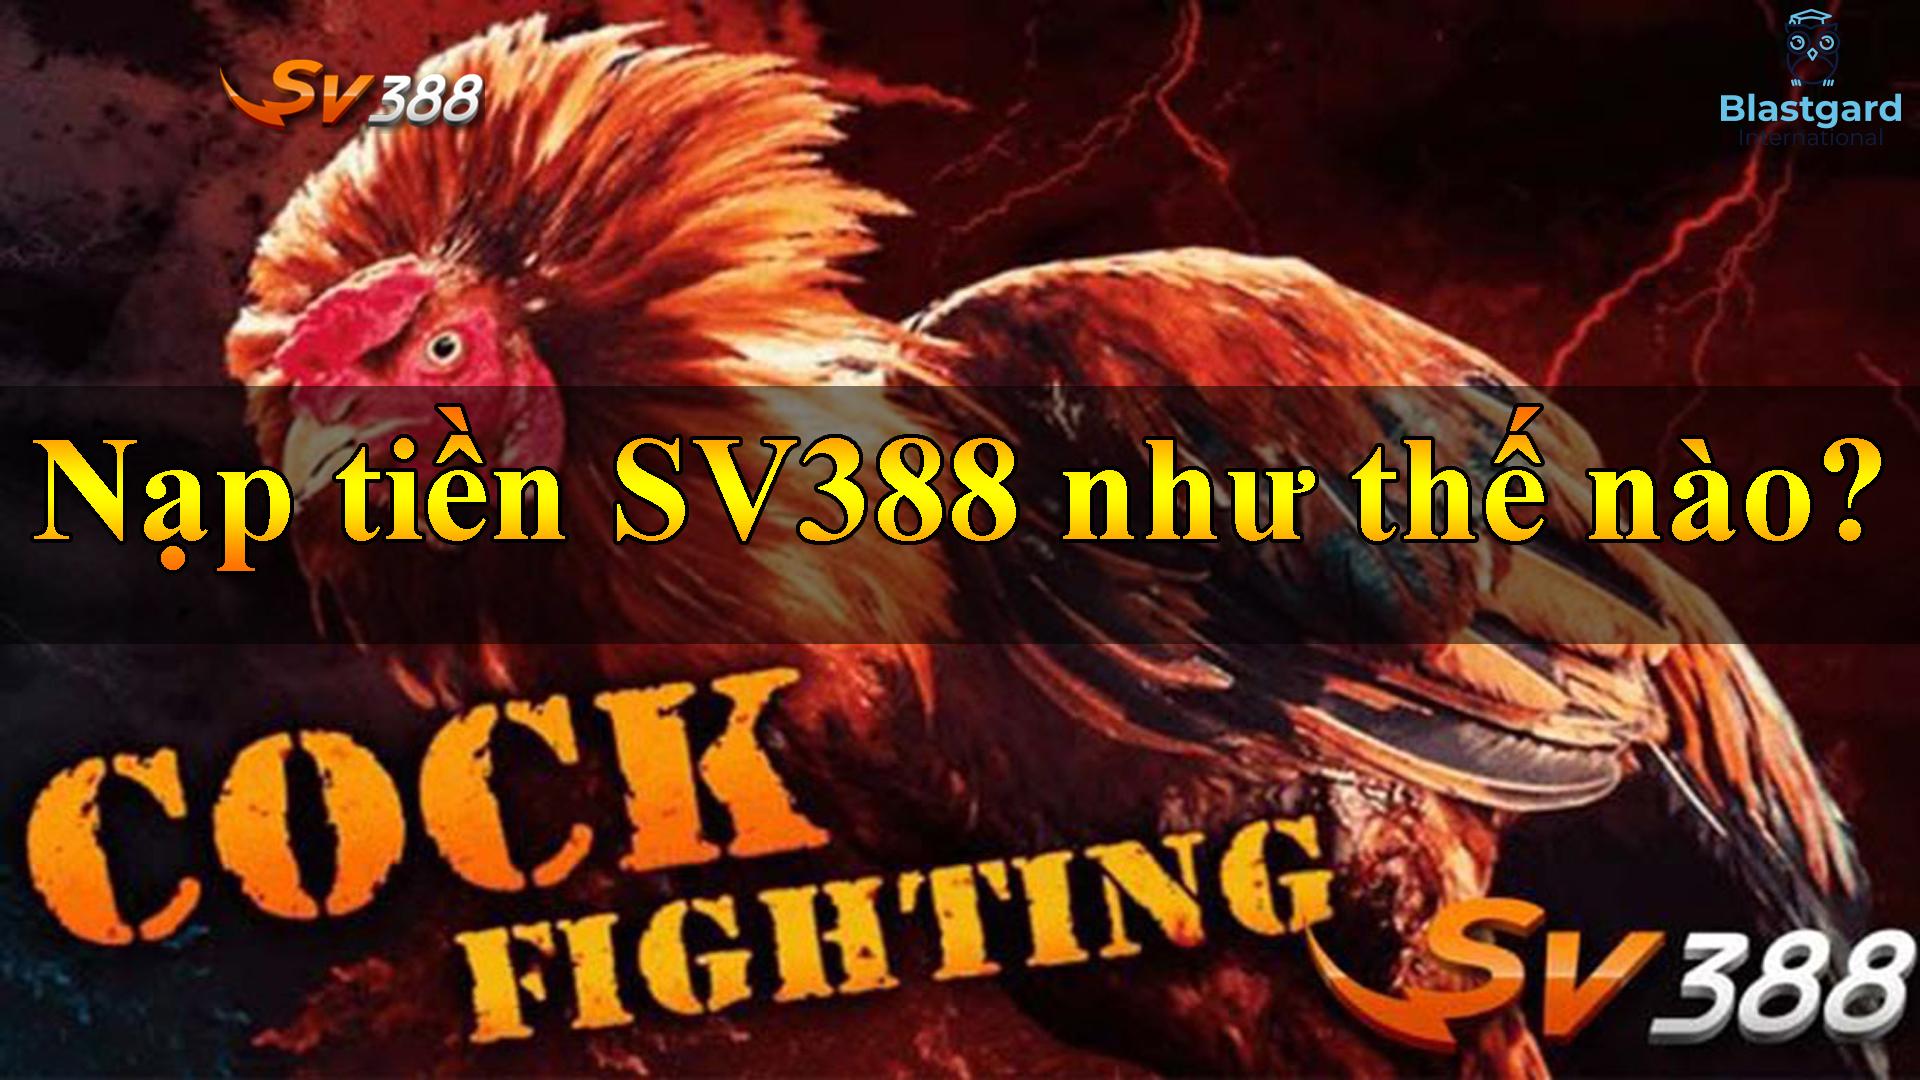 Nạp tiền SV388 như thế nào